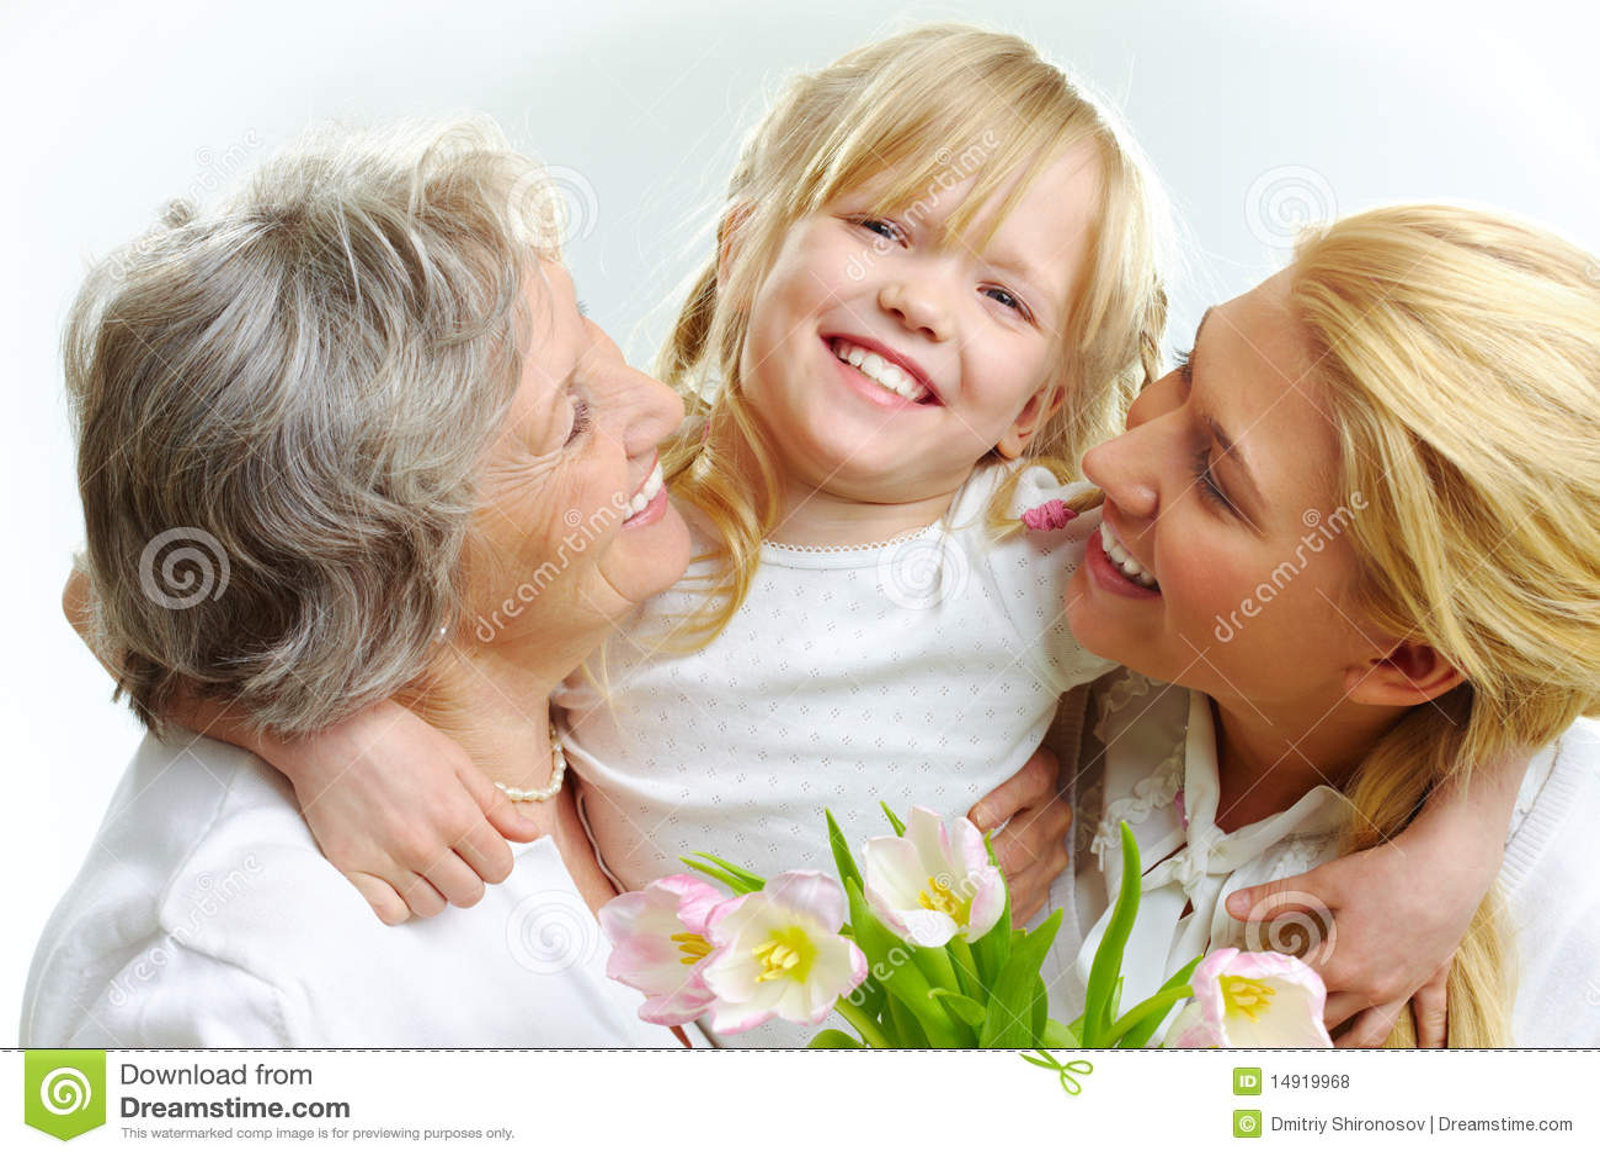 Joyful People R...